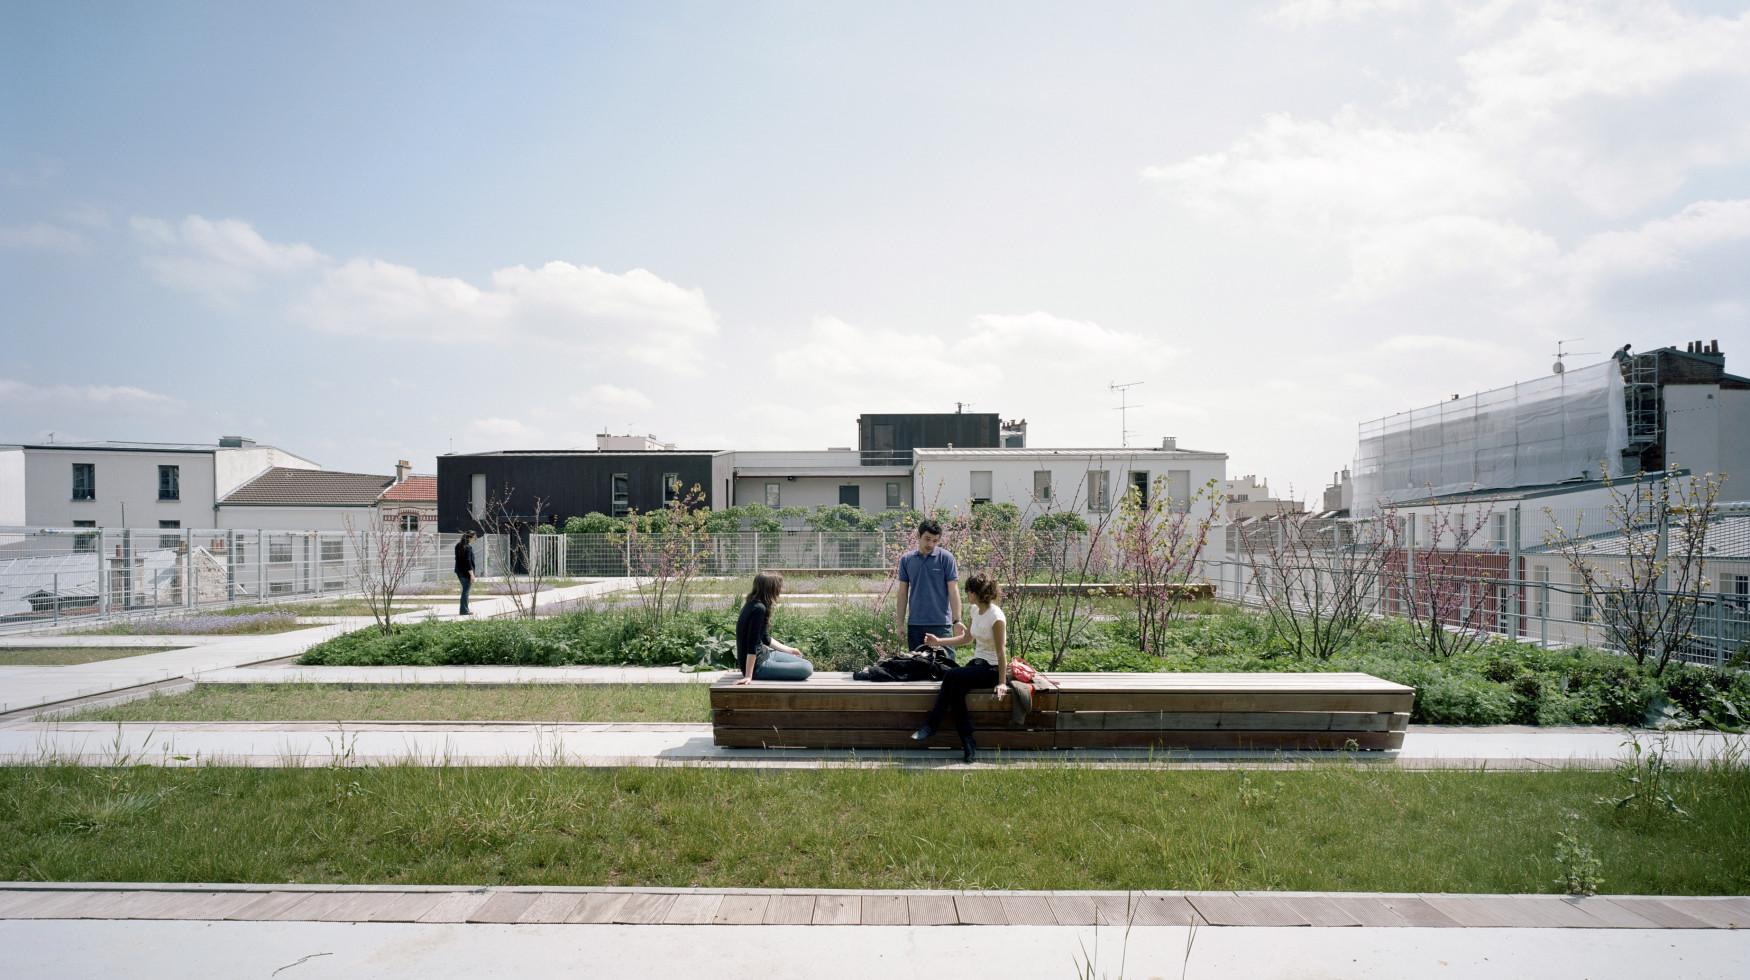 TOA architectes associés : 47 logements, gymnase et jardin associatif, secteur de PLan masse Vignoles Est 83-91 rue des Haies - Paris 20e Construction neuve Ddmarche environnementale & Certification HPE2000 Le projet s'inscrit dans le cadre d'un renouvellement urbain conduit par la reconnaissance des valeurs du quartier faubourien. Motivee par l'intégration souhaitee de l'équipement sportif implante en cœur d'îlot, la vaste toiture du gymnase est investie par un jardin pedagogique public. Une valorisation fonciere des usages qui conduit egalement à l'optimisation des ressources avec notamment la recuperation des eaux de pluies pour l'arrosage du jardin et les sanitaires des logements. OPAC de Paris. Mai 2009.